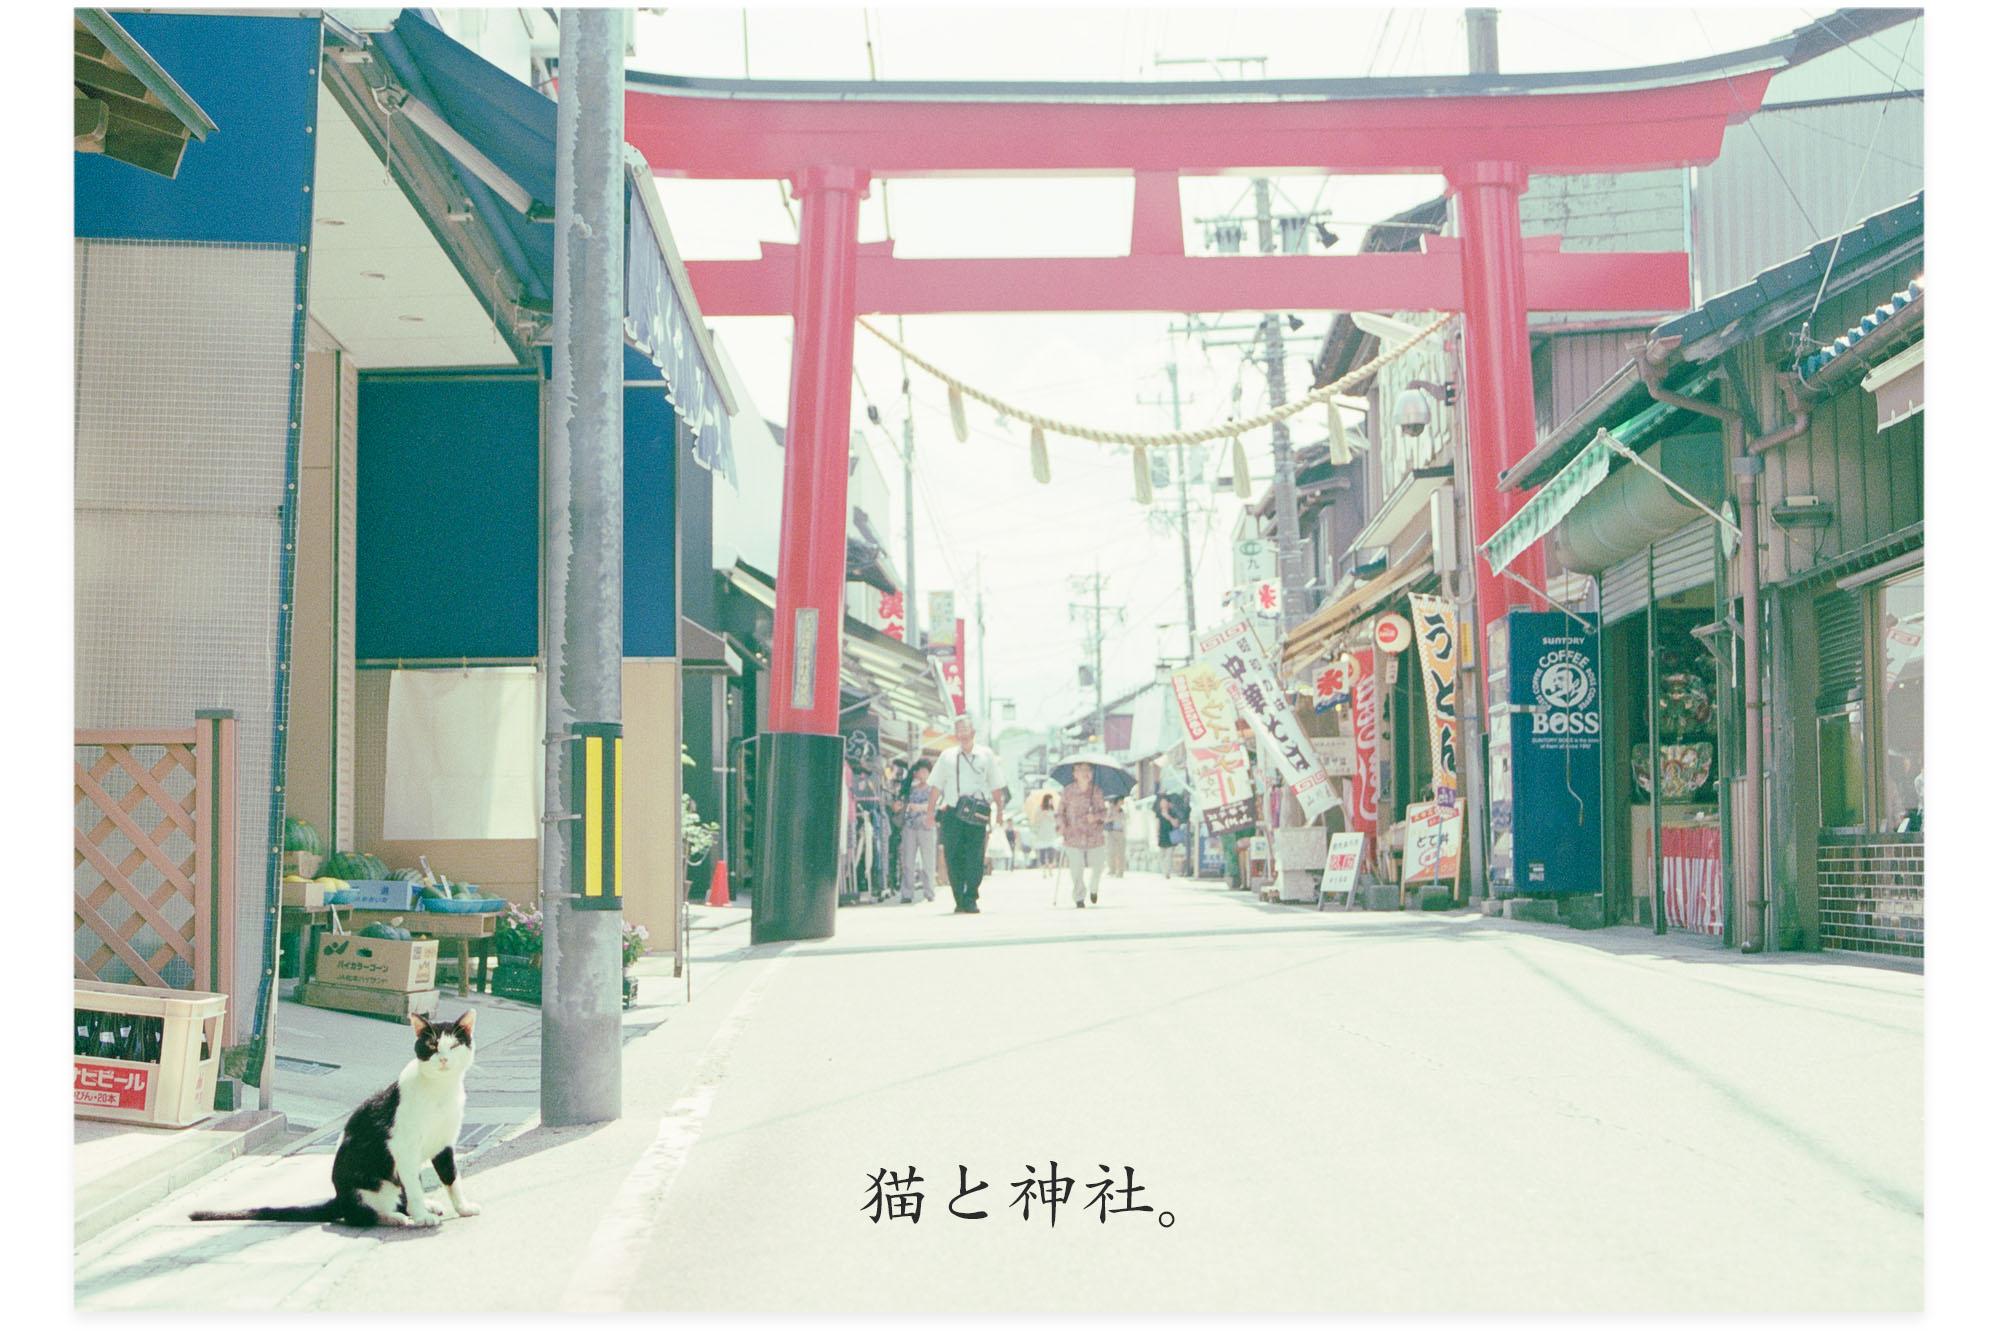 20130820c_猫と神社b